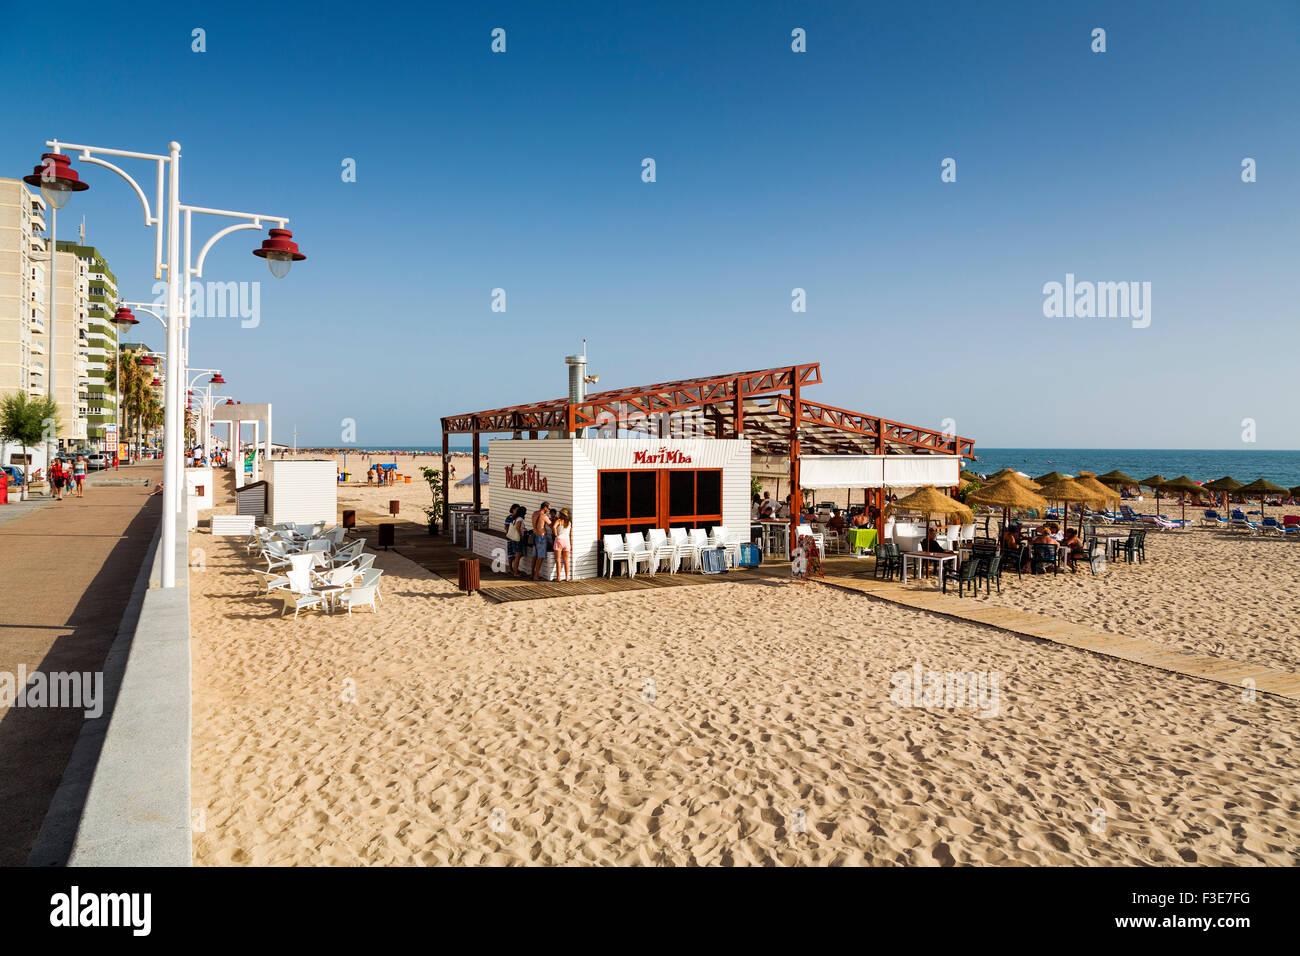 La promenade de la plage Victoria Cadiz Andalousie Espagne Banque D'Images